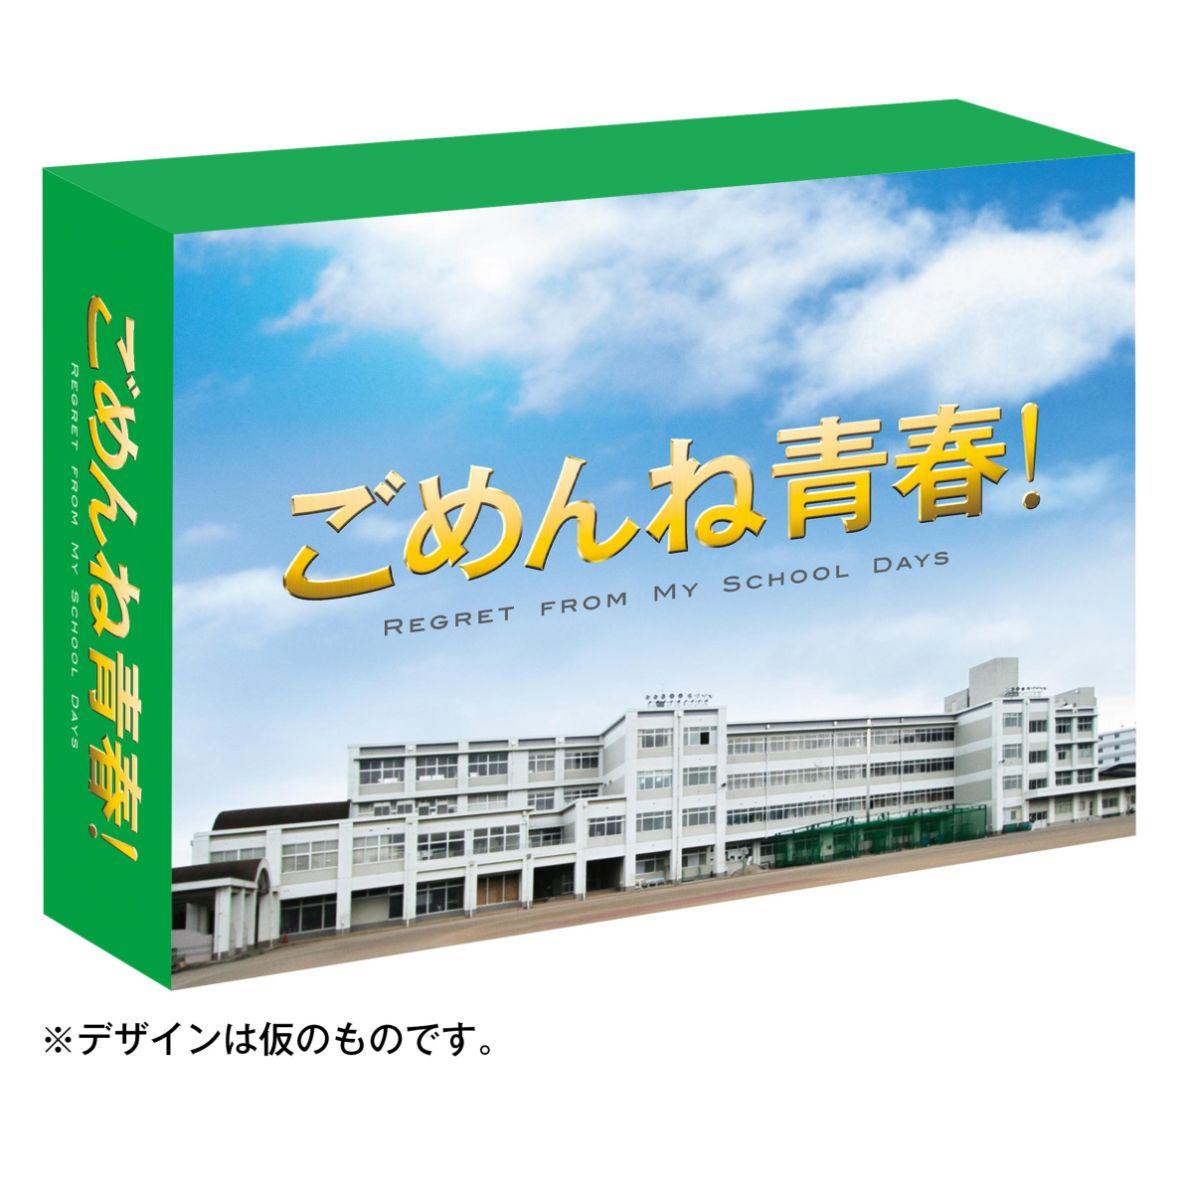 ごめんね青春!DVD-BOX画像